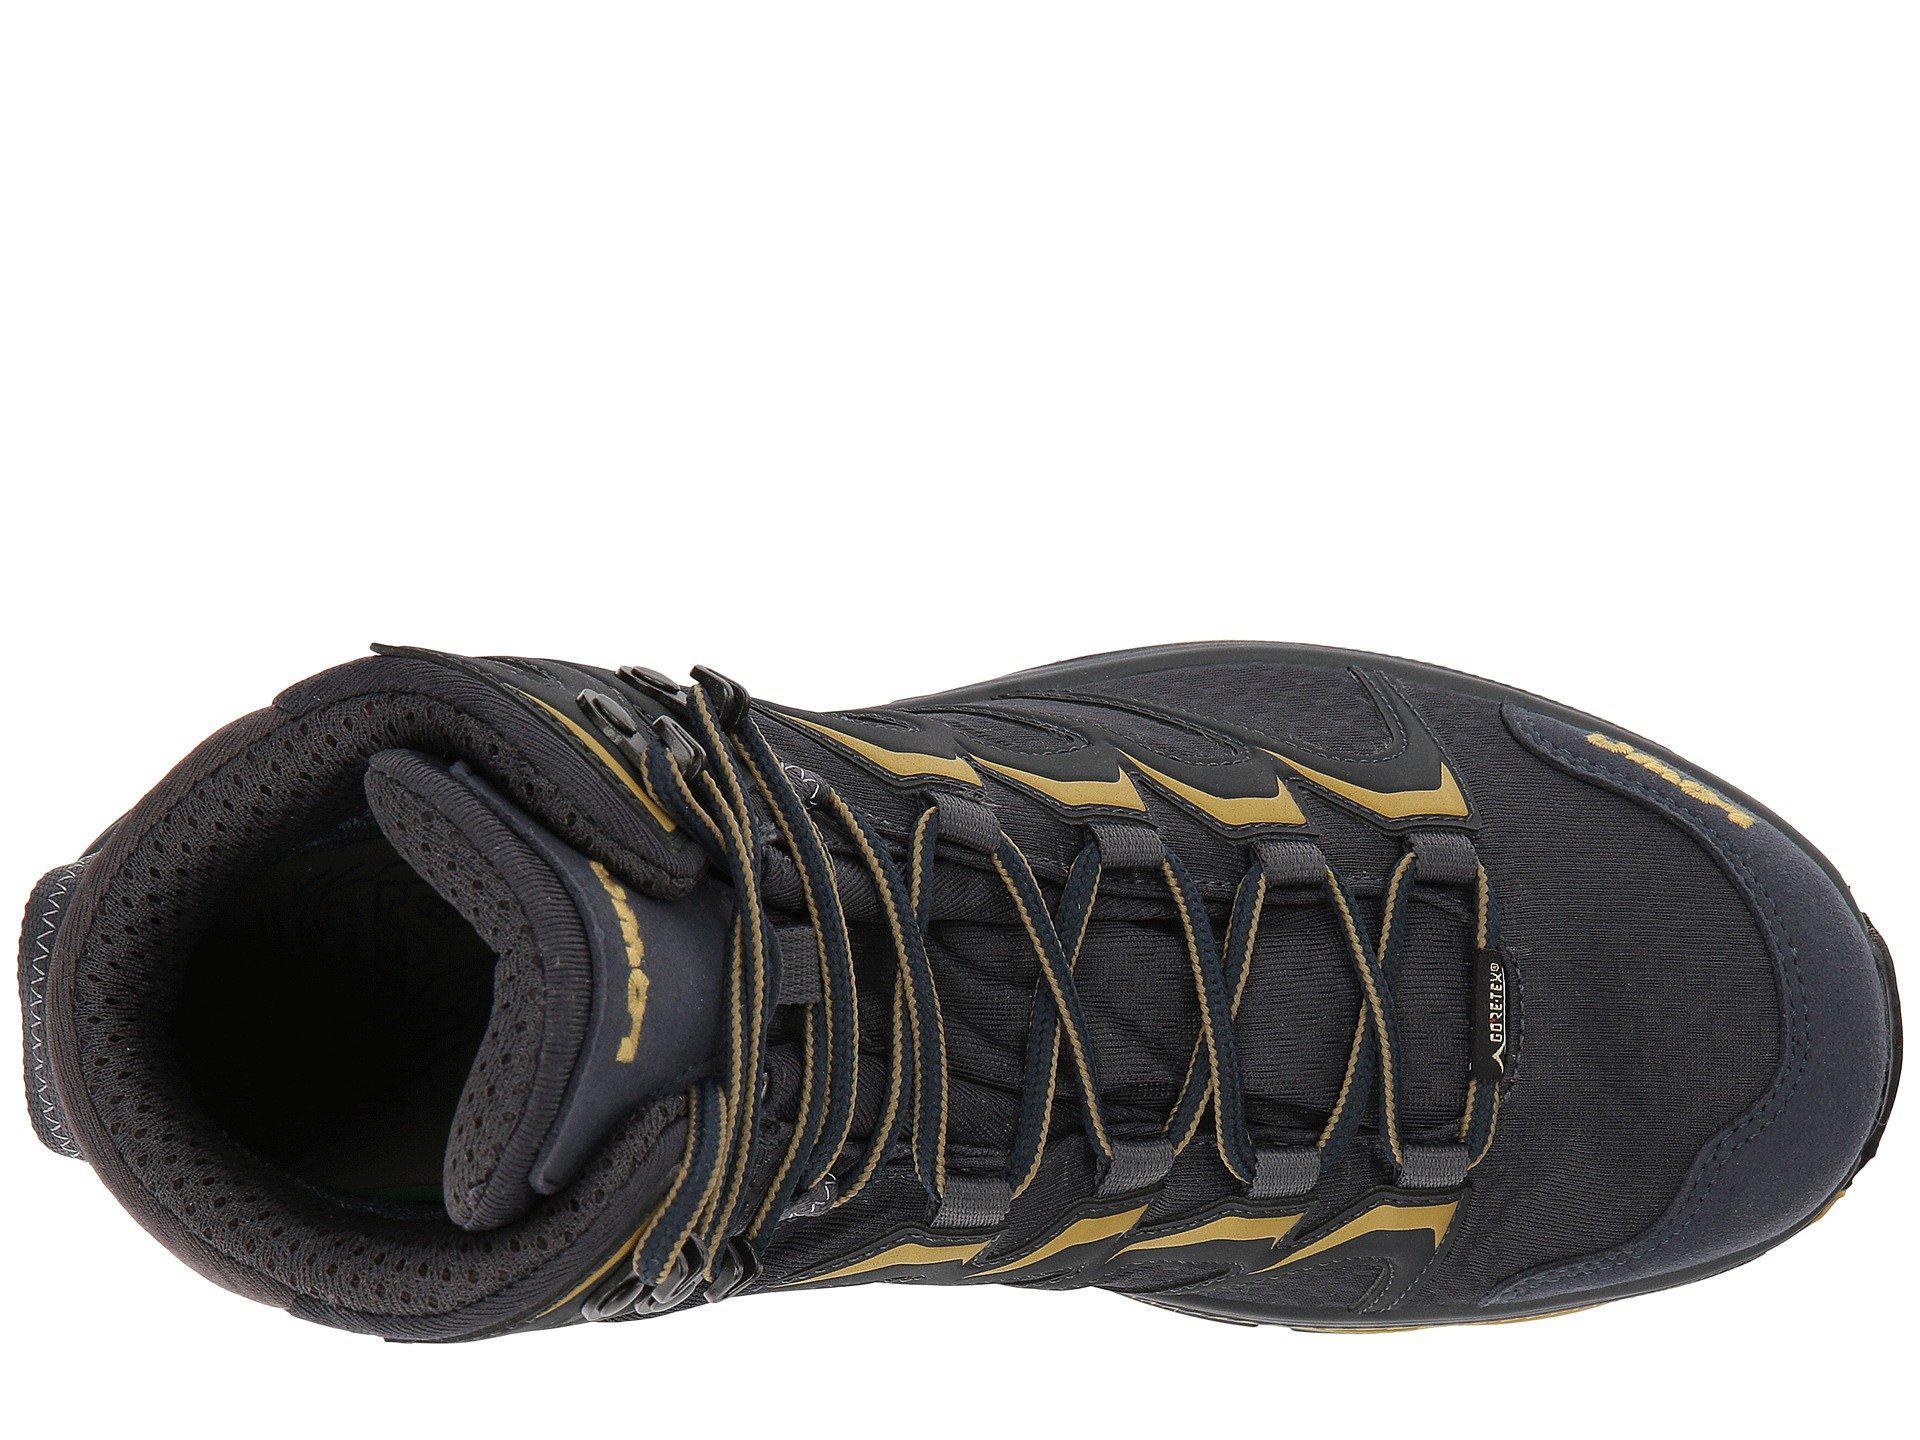 Lyst - Lowa Innox Gtx Mid (steel Blue mustard) Men s Hiking Boots in ... 4b6c6456763